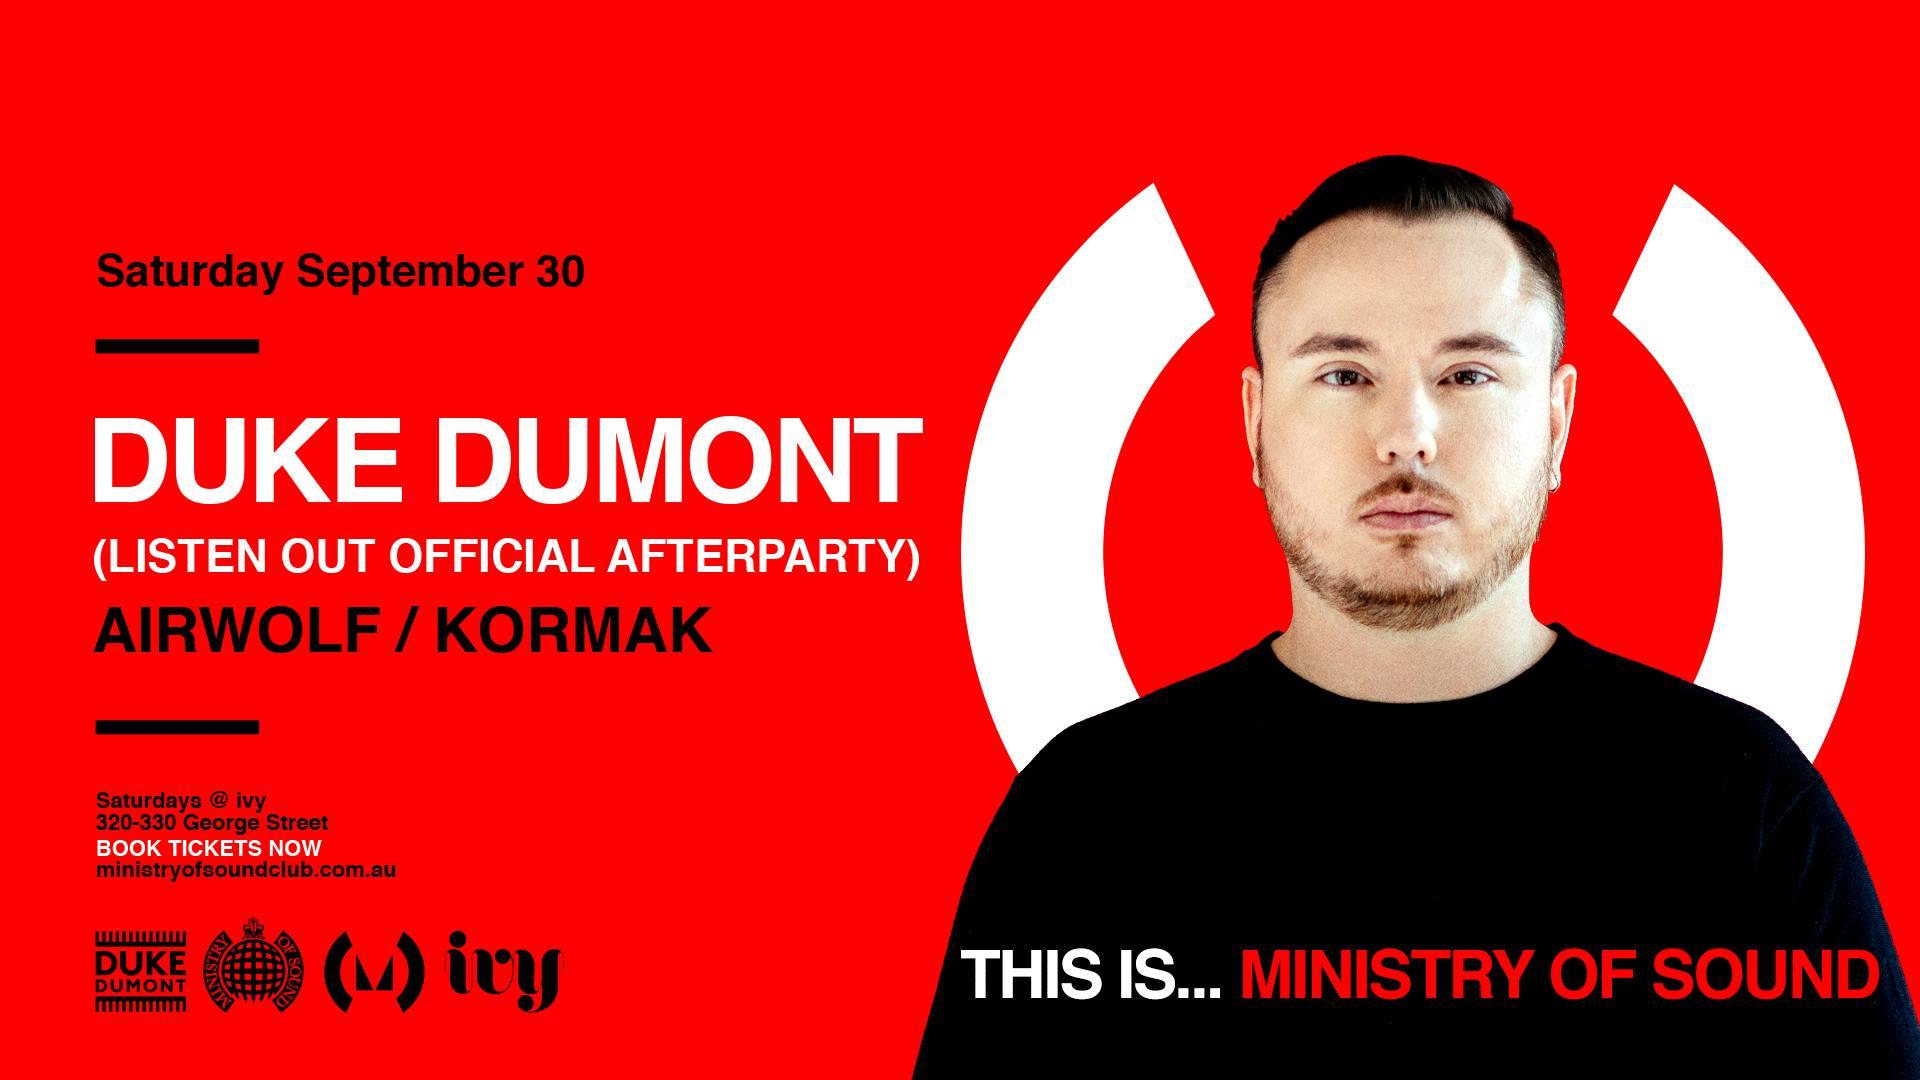 duke-dumont-sydney-2017-listen-out-after-party-oz-edm